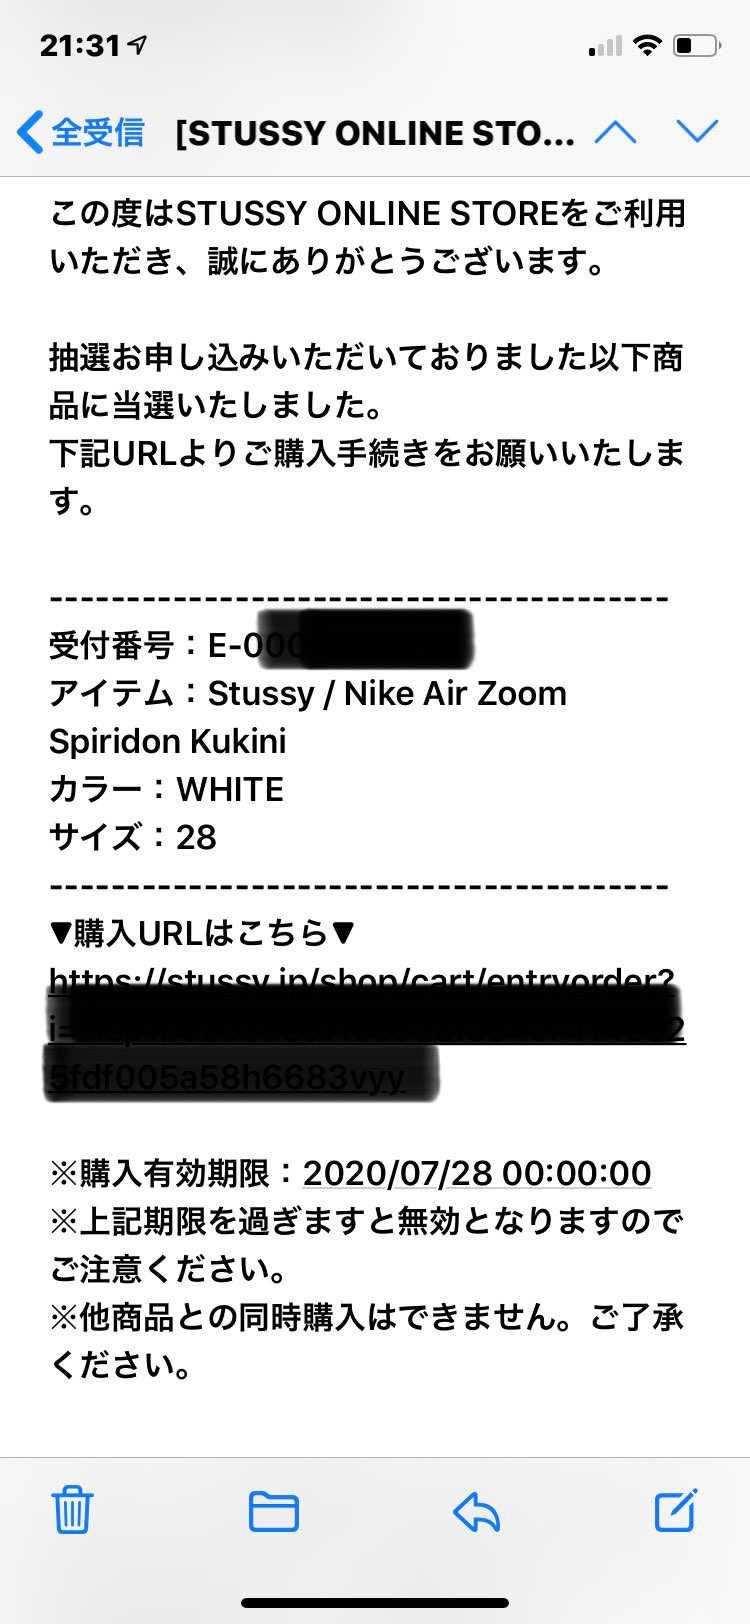 メール見たら当たってた。  ステューシーありがとう!!  購入手続き終わっ